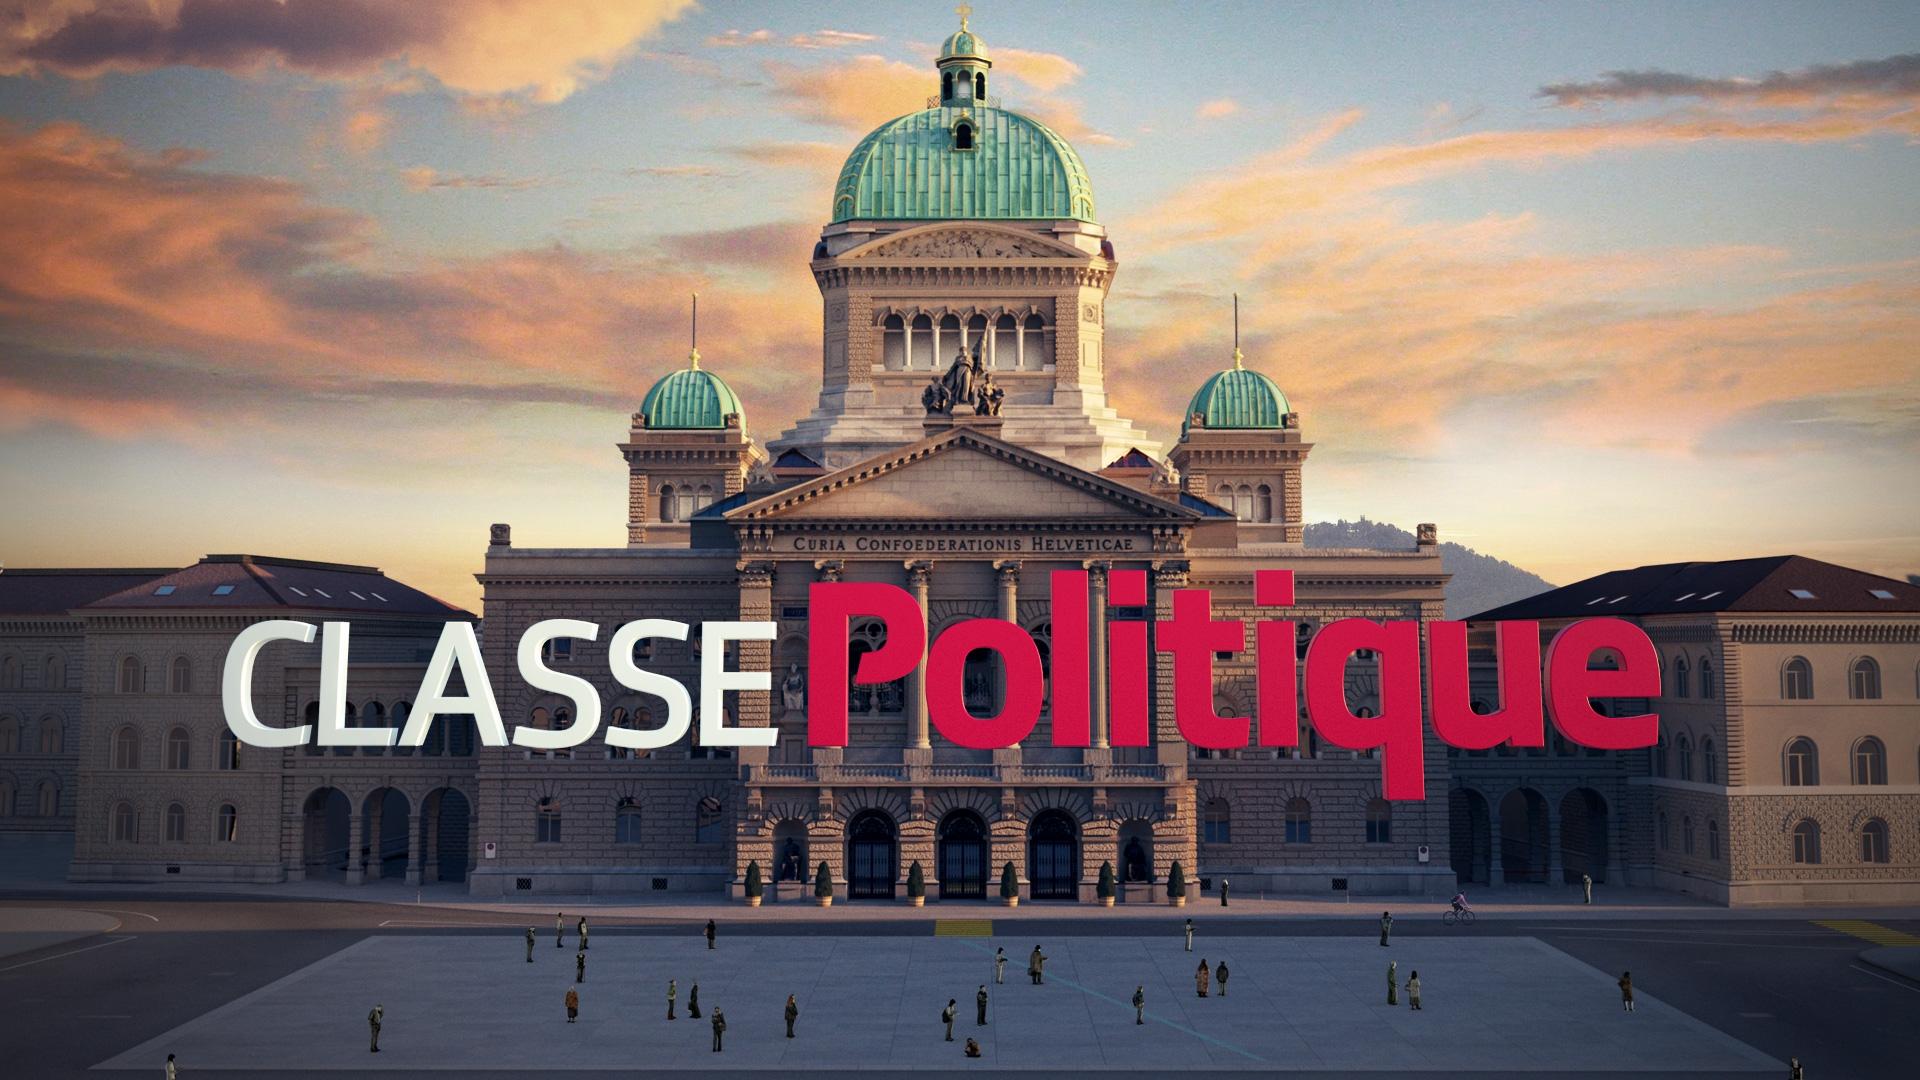 Classe Politique